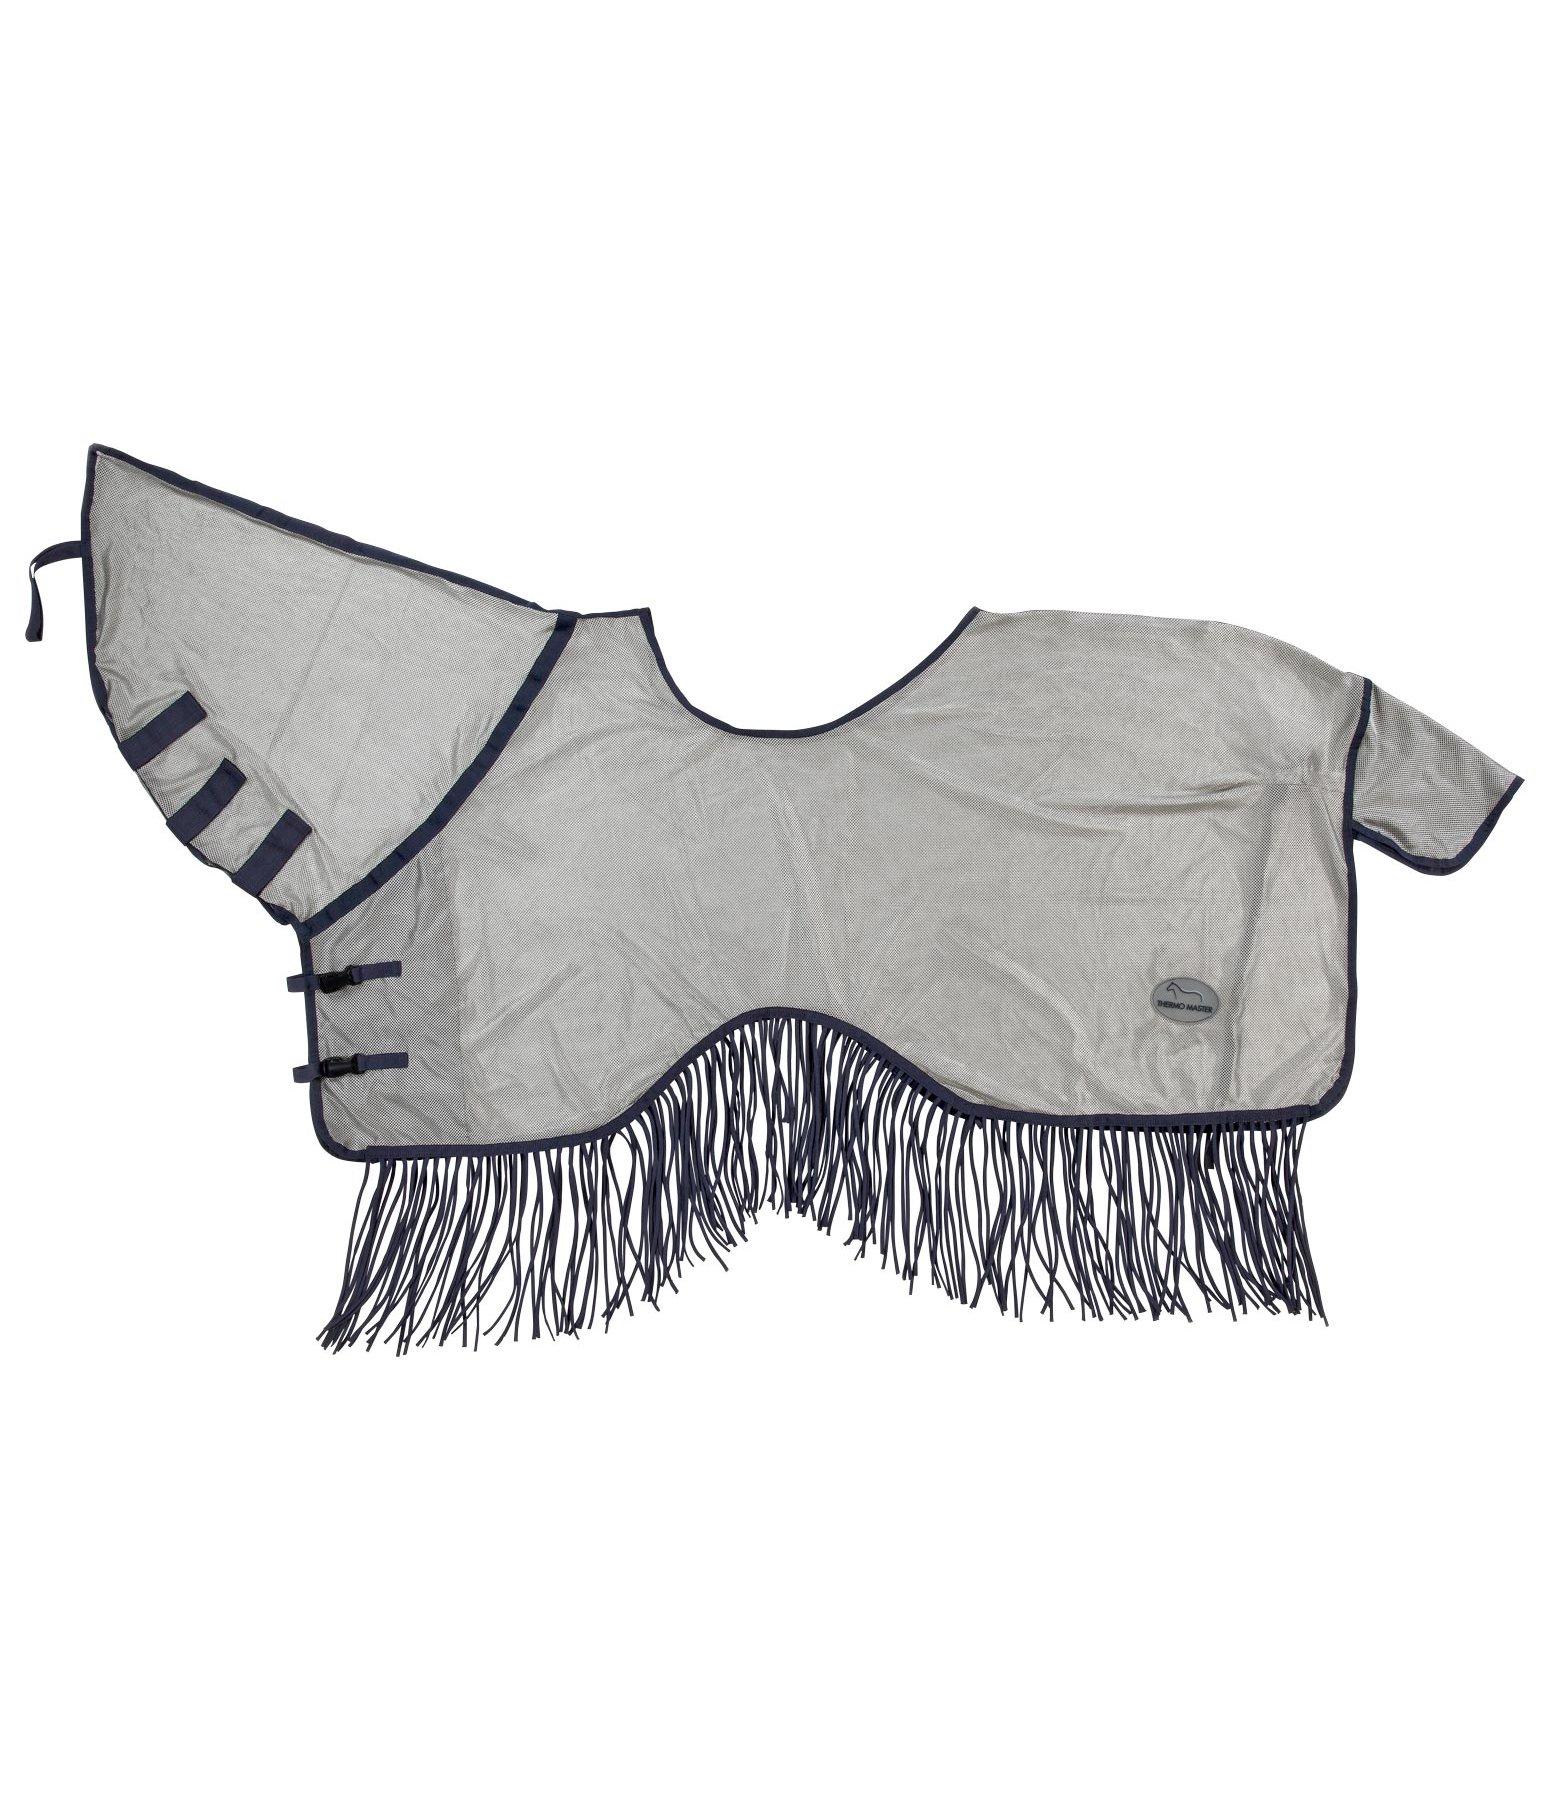 chemise d'extérieur anti-mouches avec franges - couvre-reins